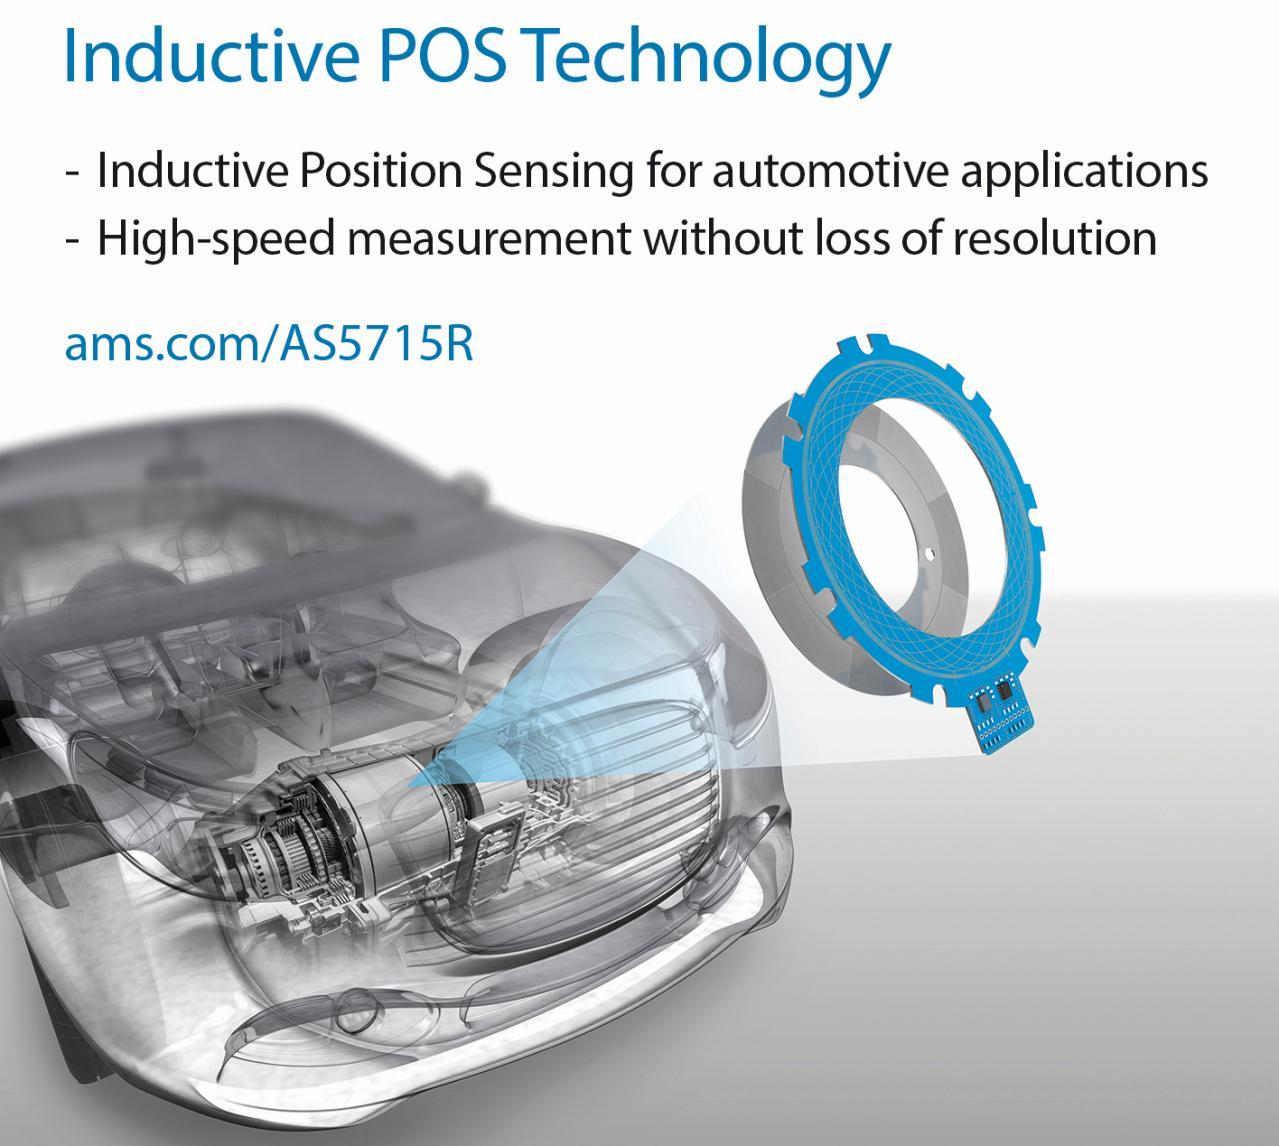 ams:高速モーター向けに初のインダクティブポジションセンサを発表